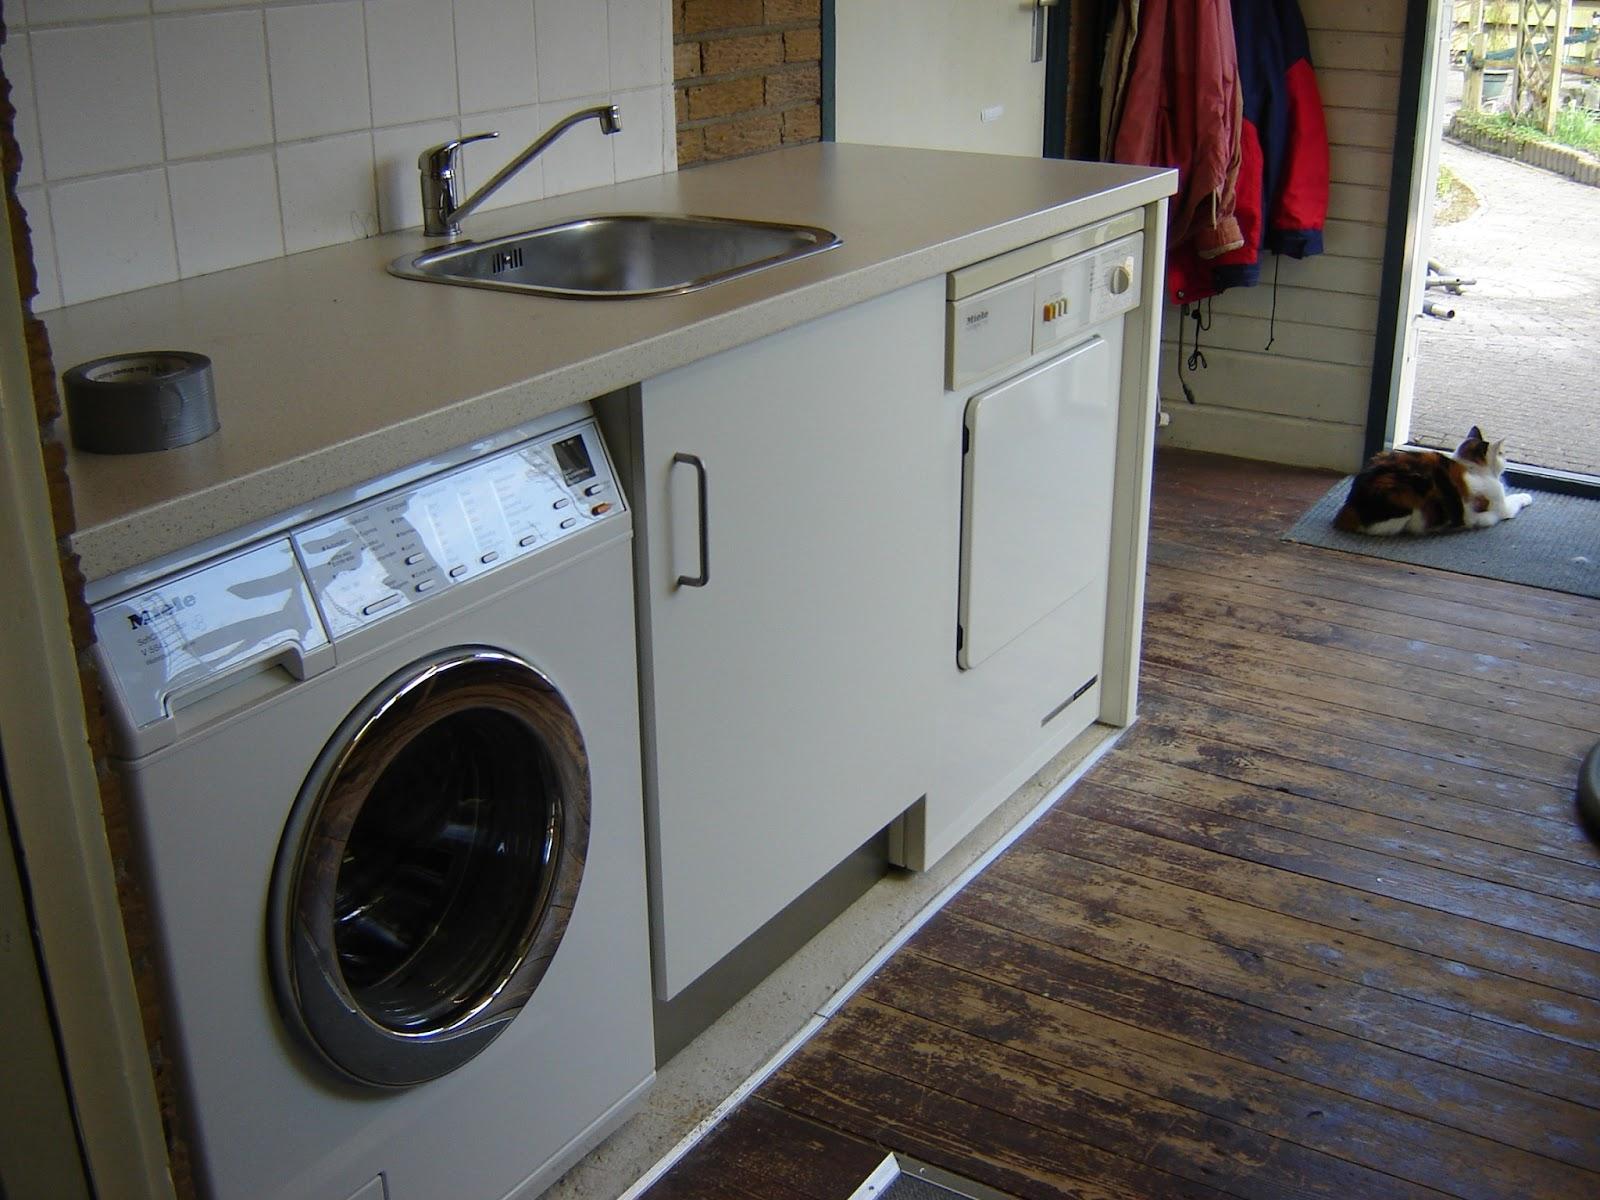 Wasmachine Onder Wastafel Stunning With Wasmachine Onder Wastafel